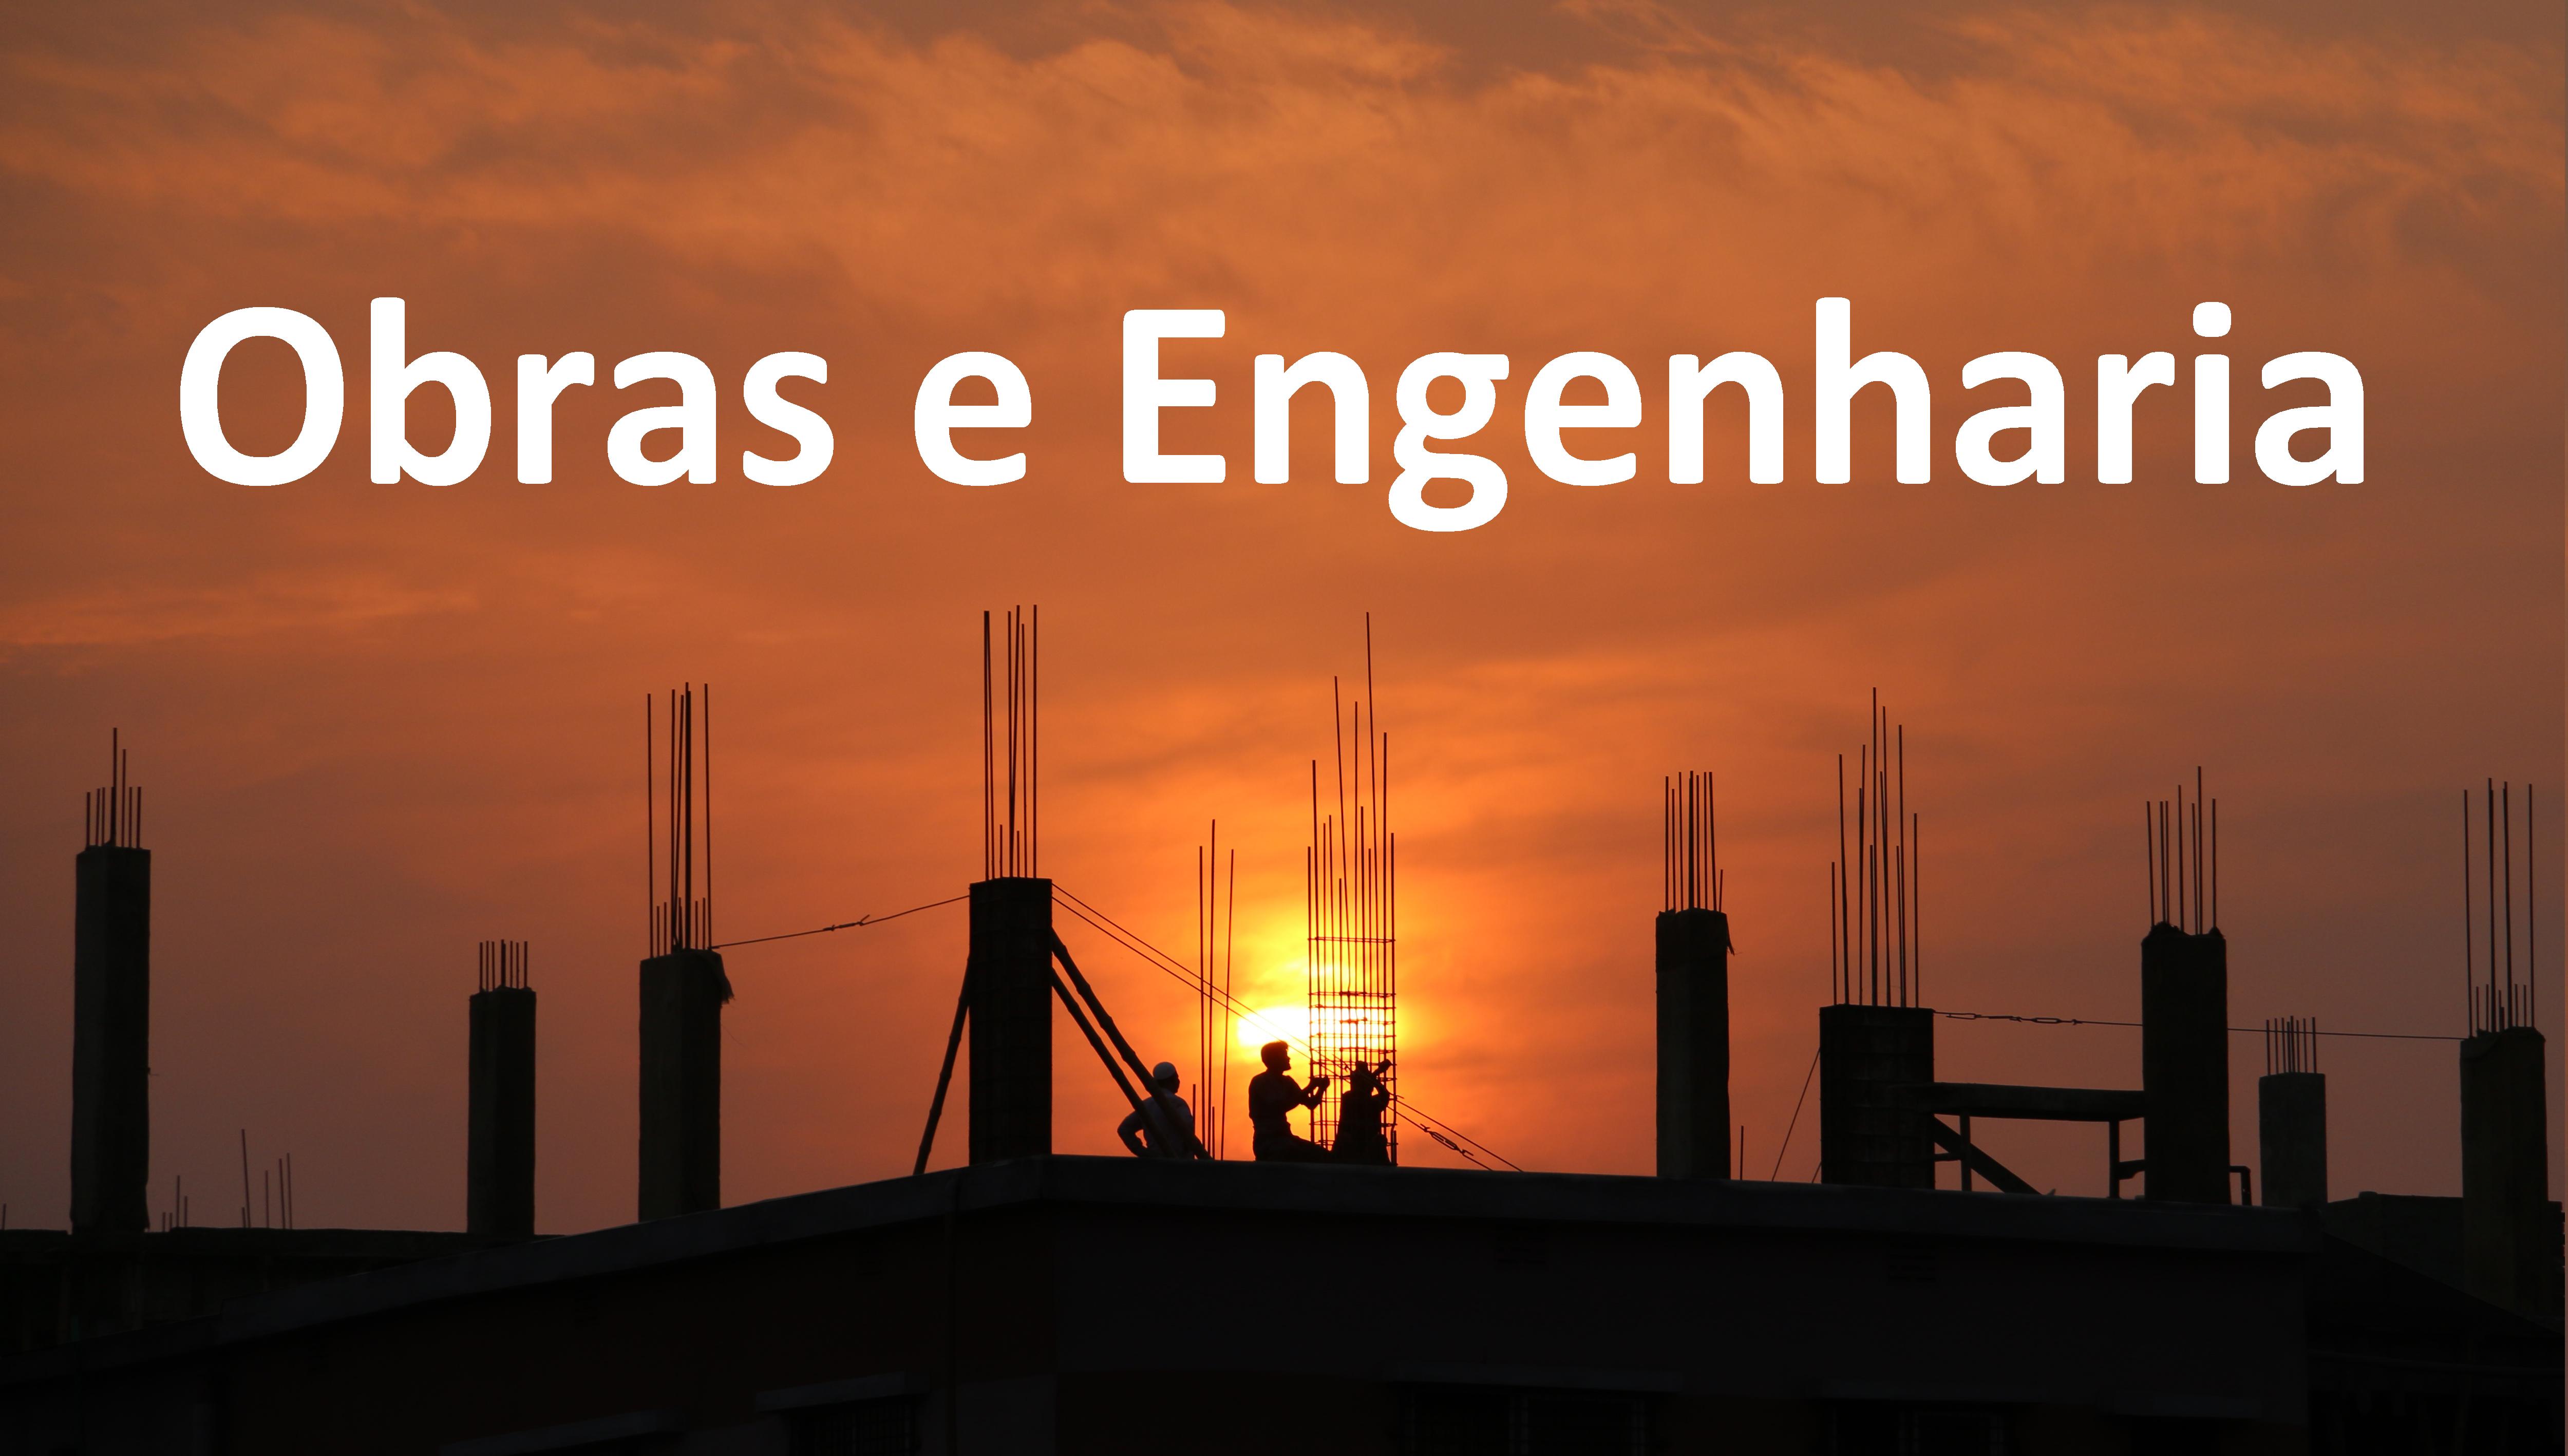 Obras e engenharia